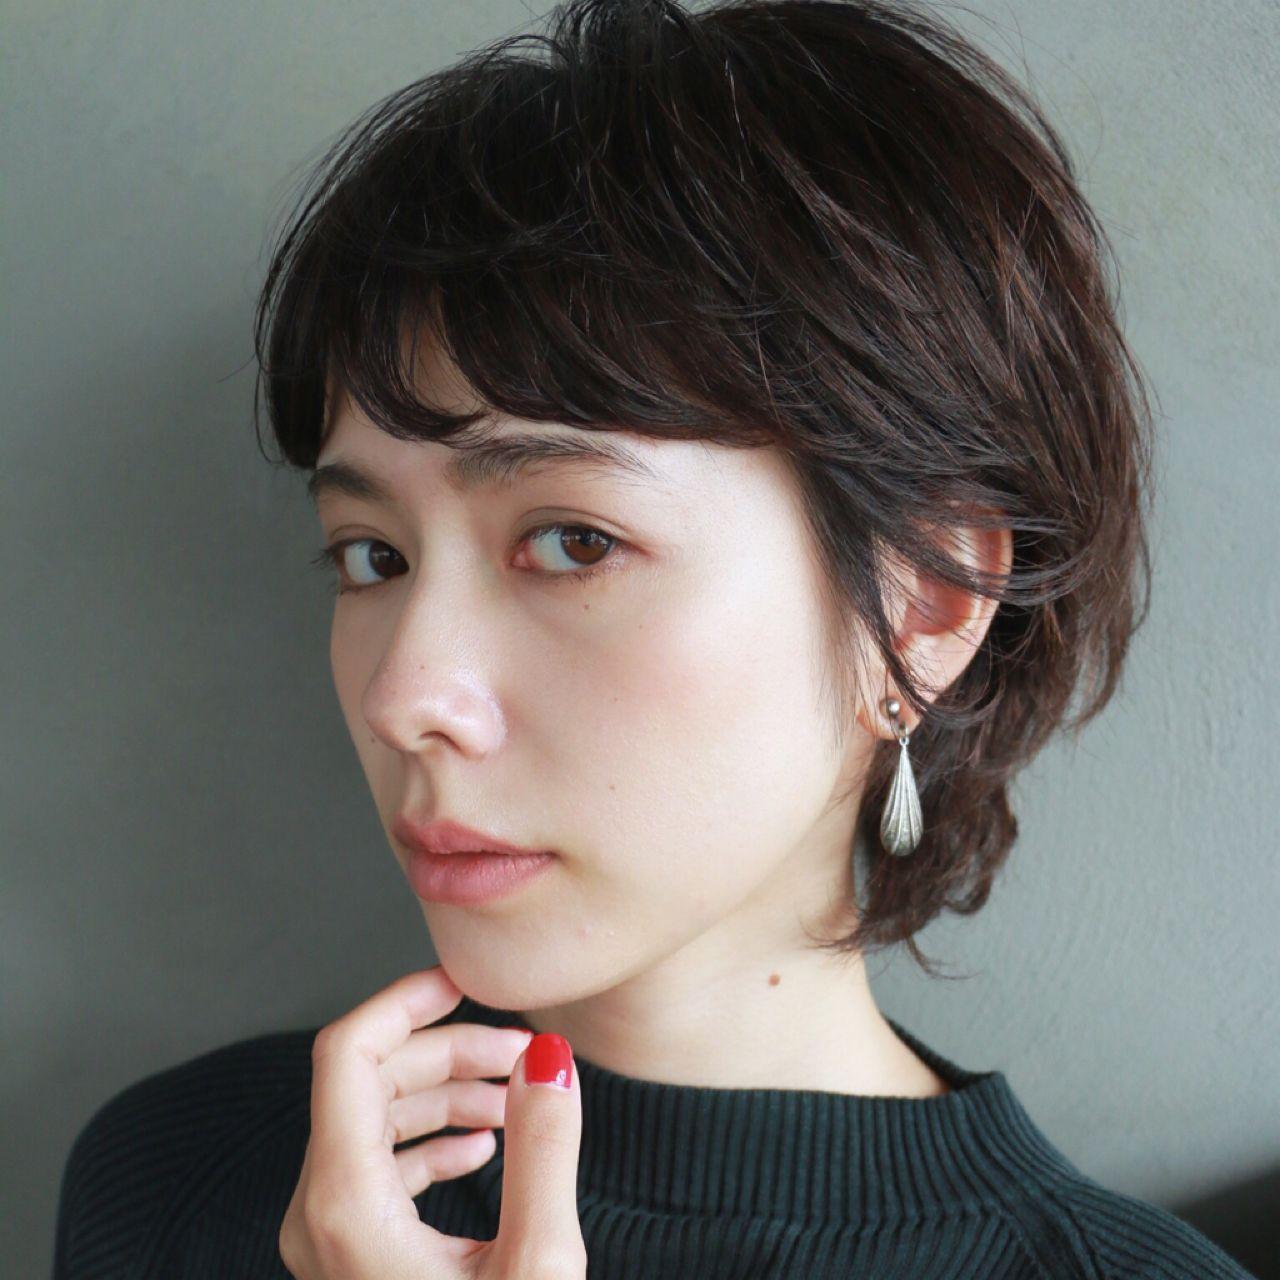 【ヘアカタログ】黒髪を活かしたヘアスタイル8選  高橋 忍